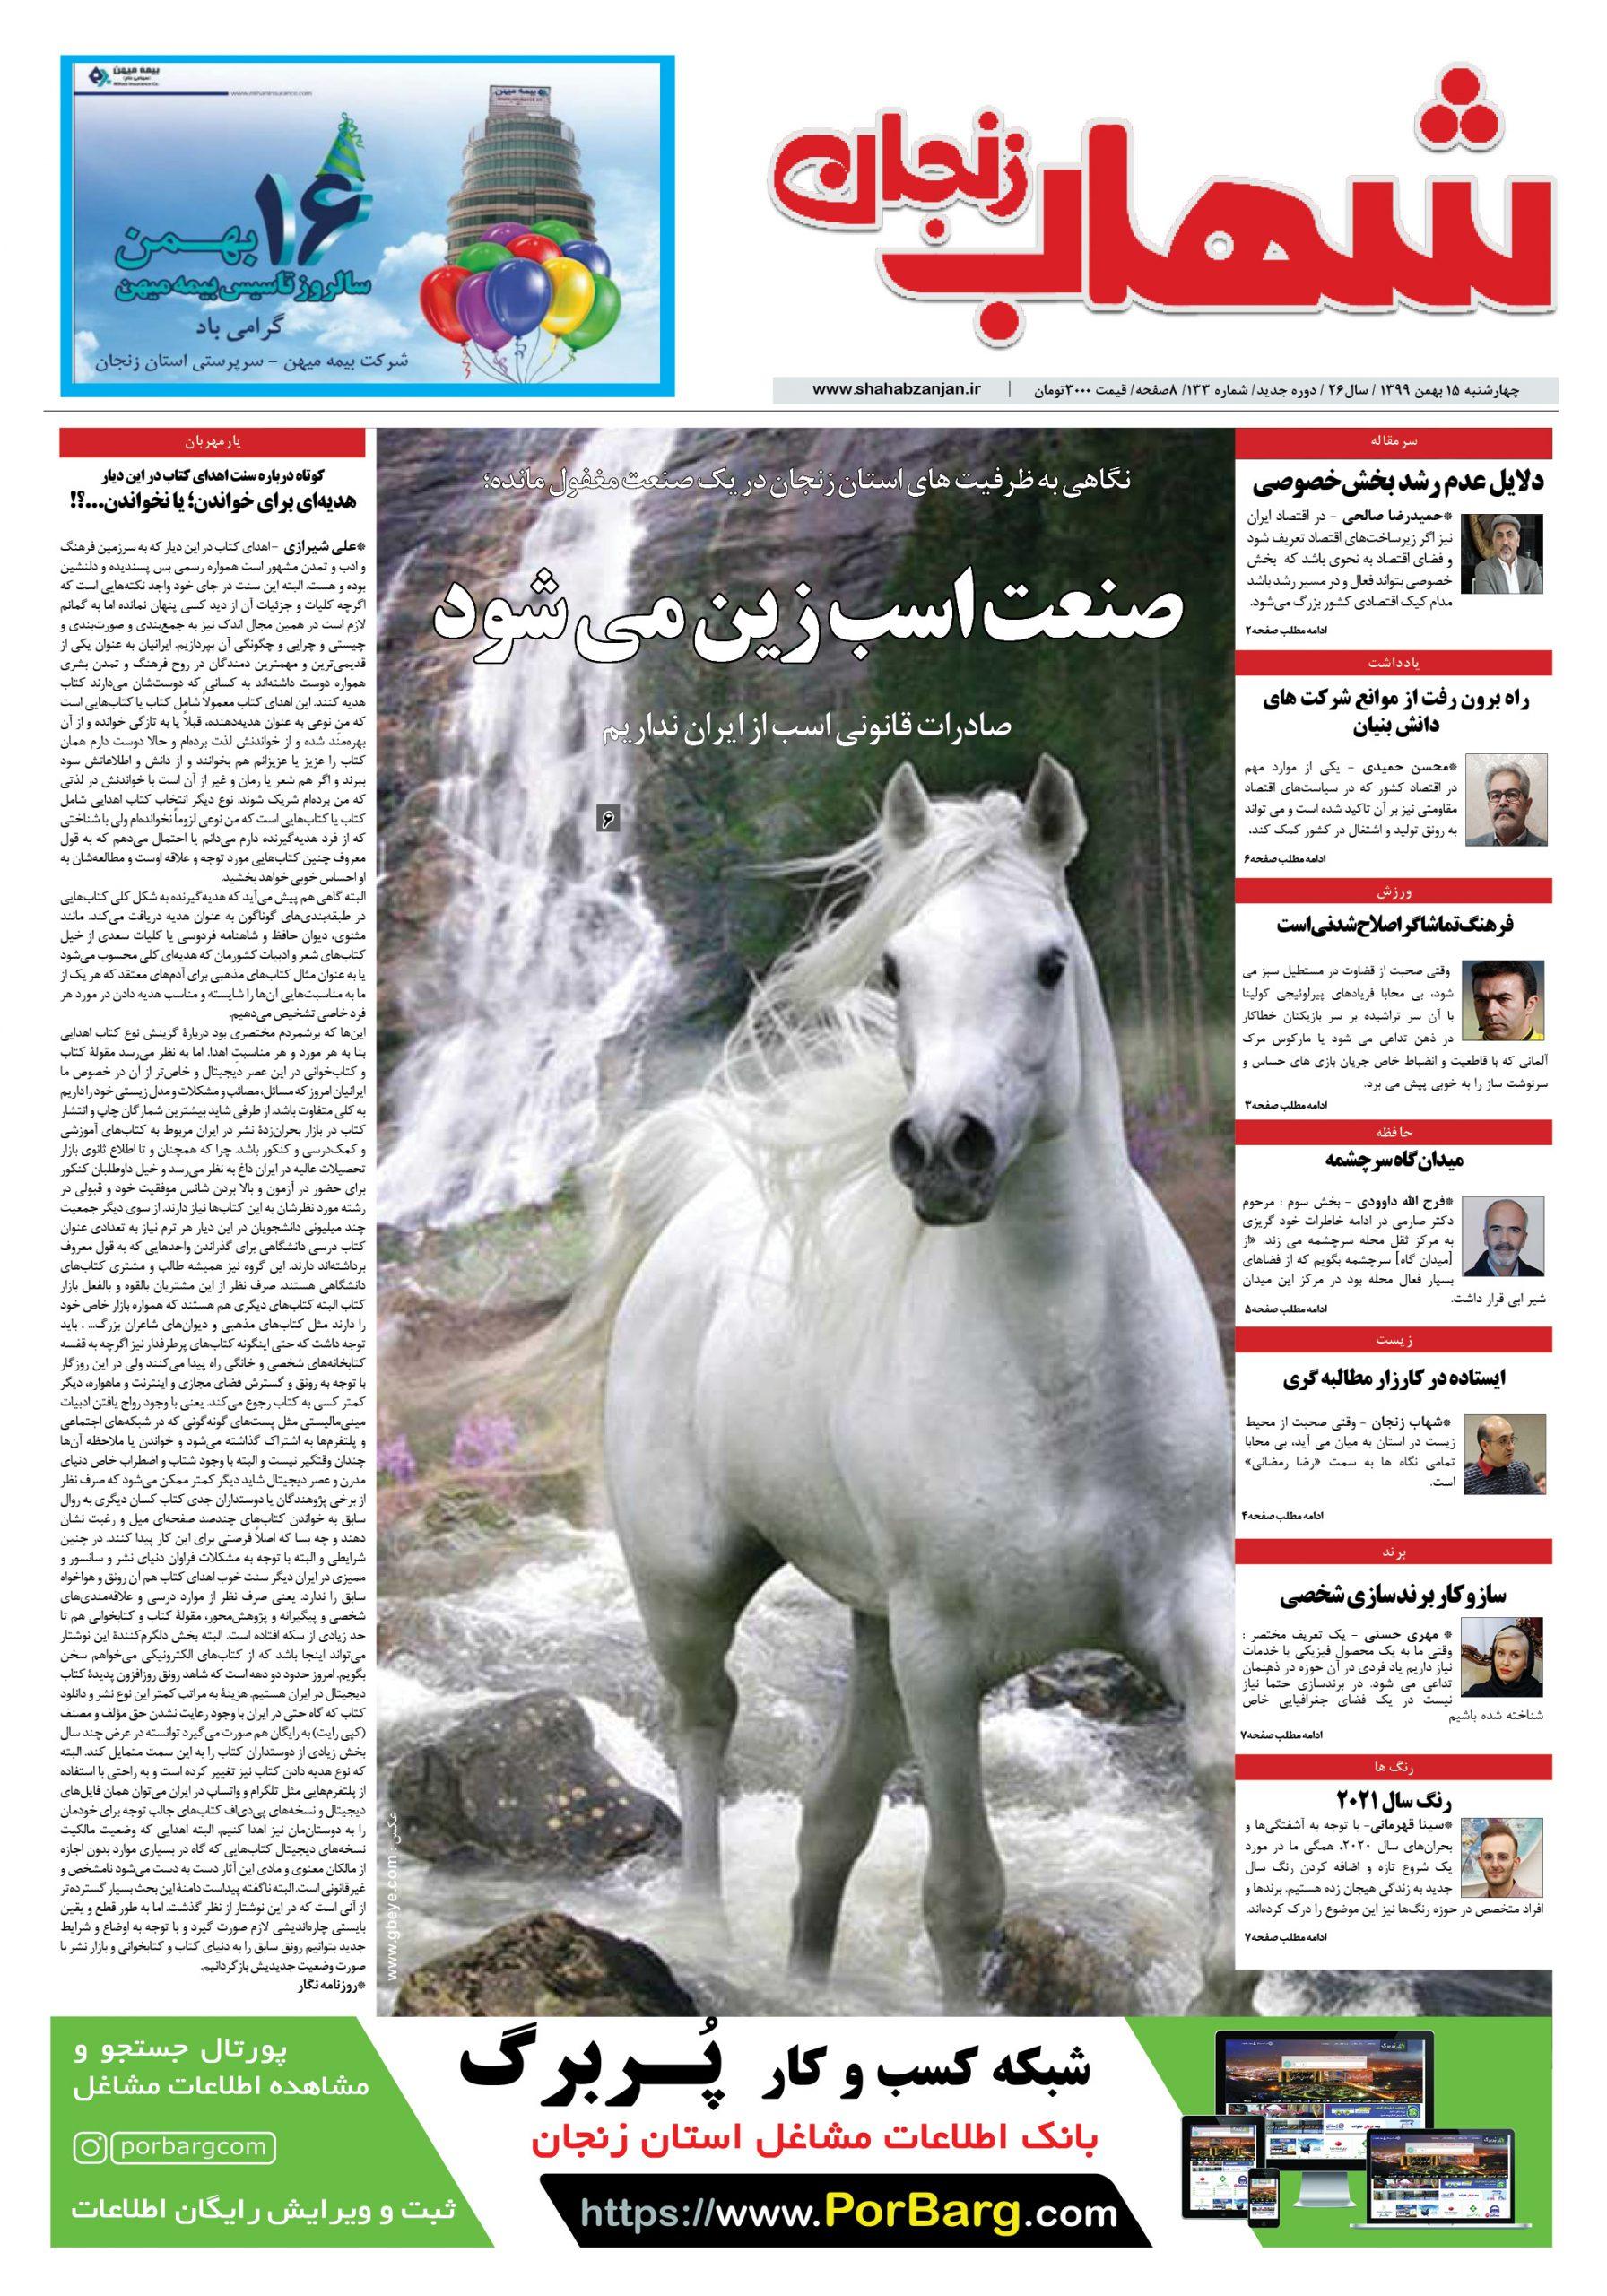 شماره جدید شهاب زنجان منتشر شد؛از صنعت اسب سواری تا مصاحبه با داور لیگ برتری فوتبال